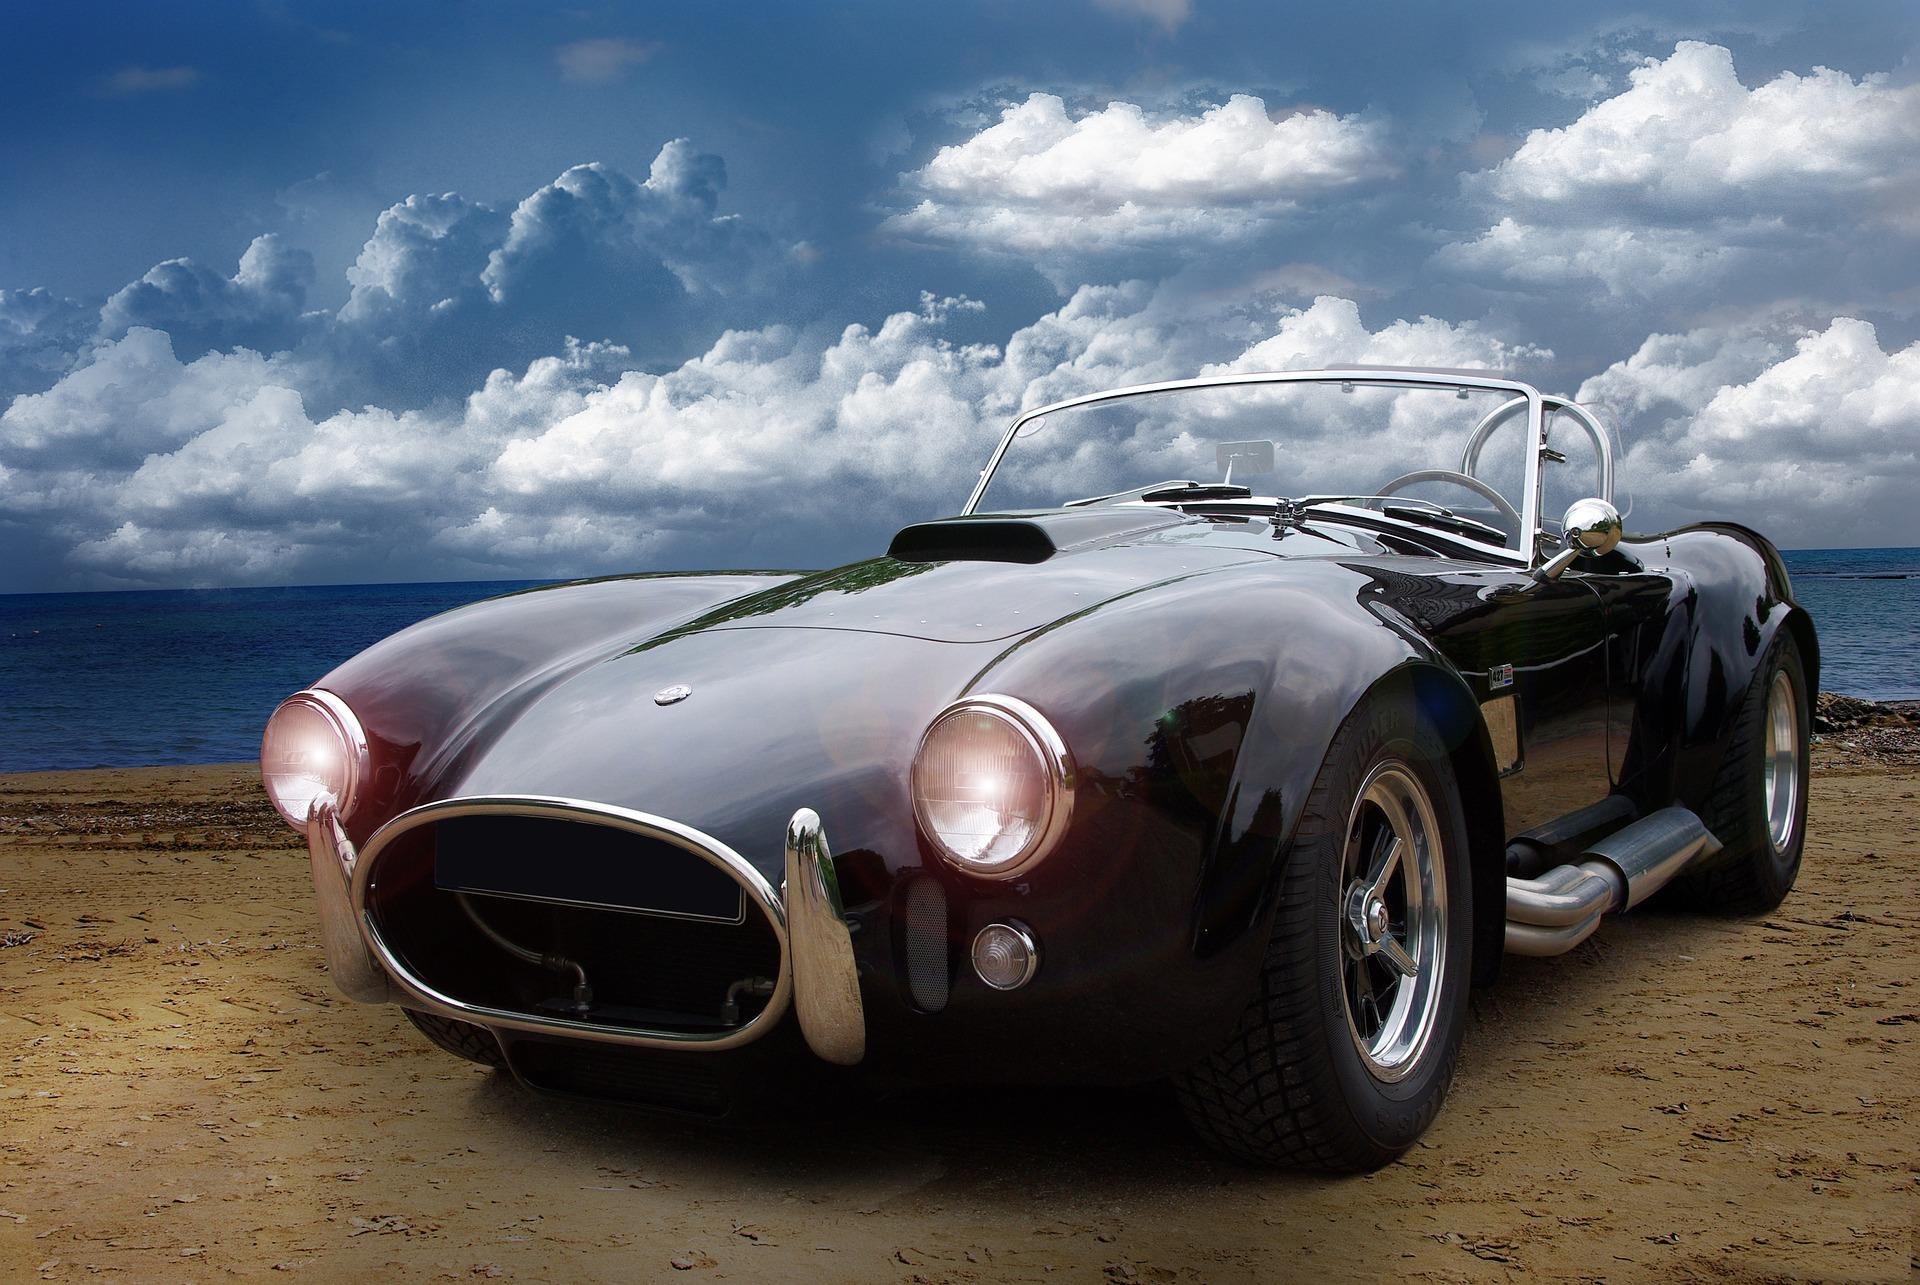 αυτοκίνητο, Κόμπρα, Κλασικό, χρόνος, αυτοκινήτου, παλιάς χρονολογίας - Wallpapers HD - Professor-falken.com